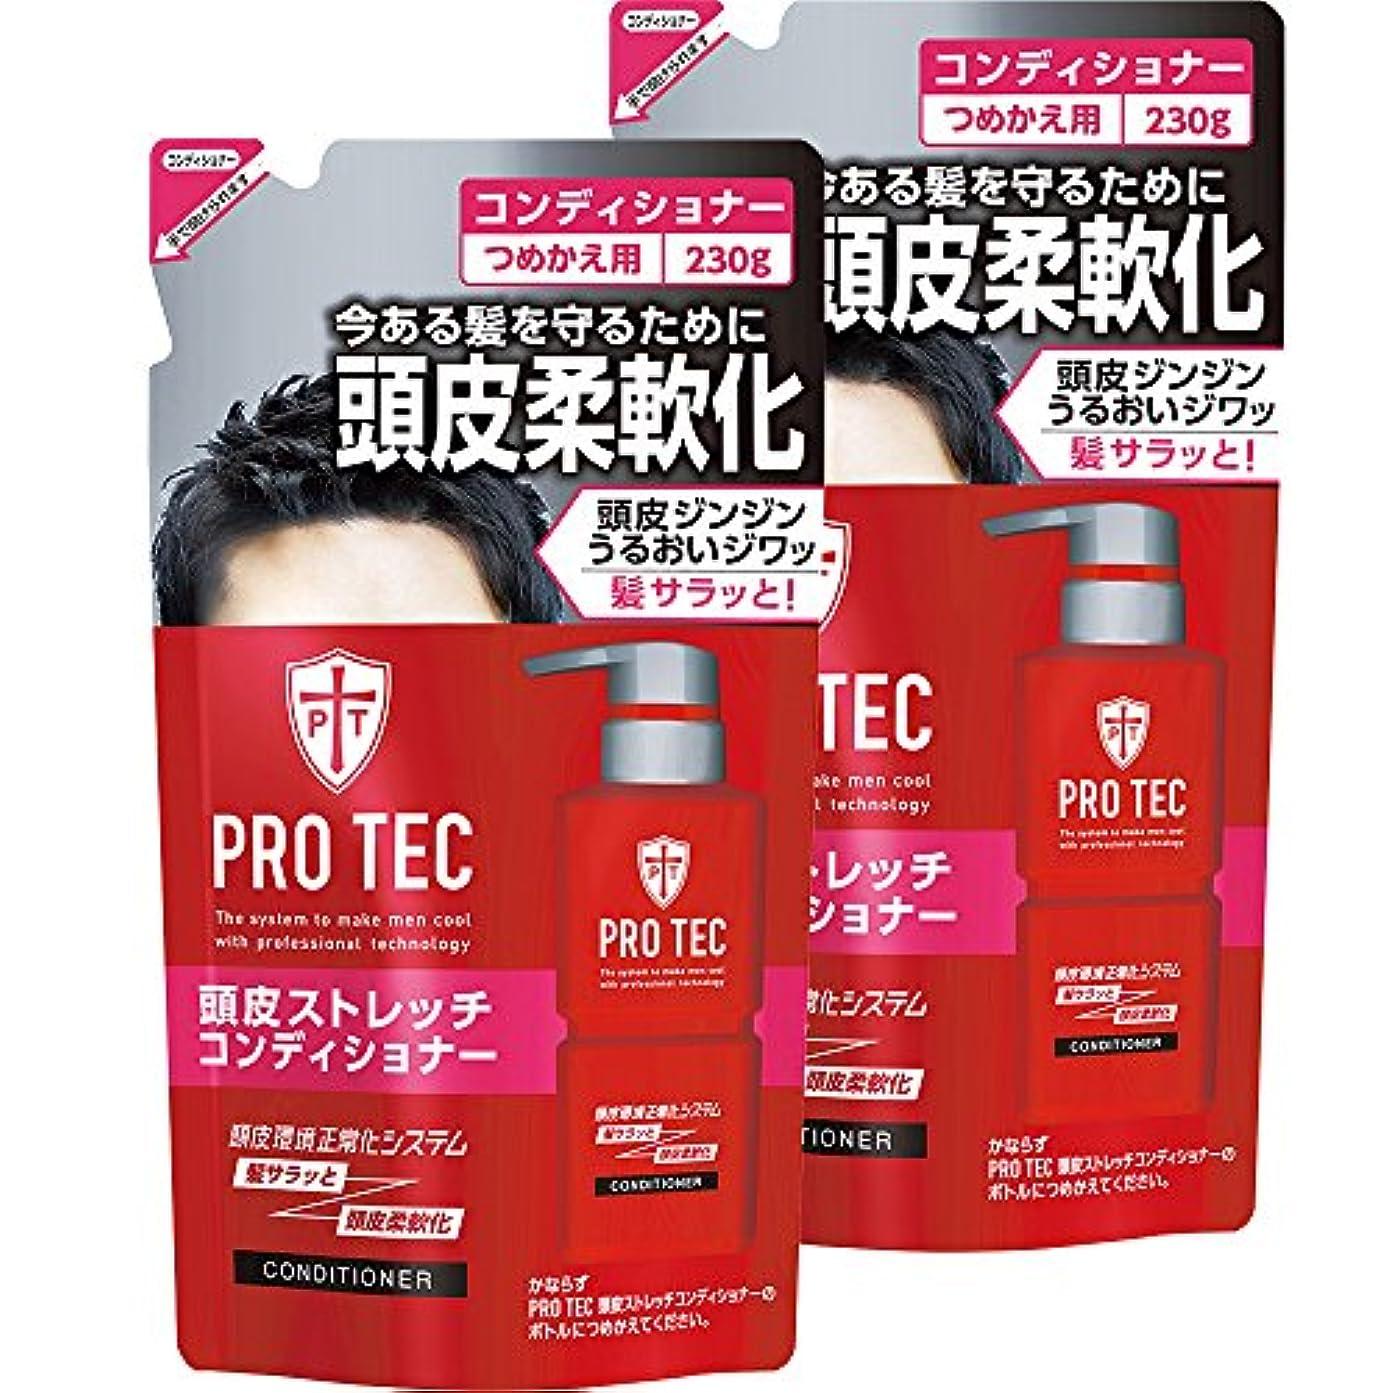 腕スクラッチブランク【まとめ買い】PRO TEC(プロテク) 頭皮ストレッチ コンディショナー 詰め替え 230g×2個パック(医薬部外品)